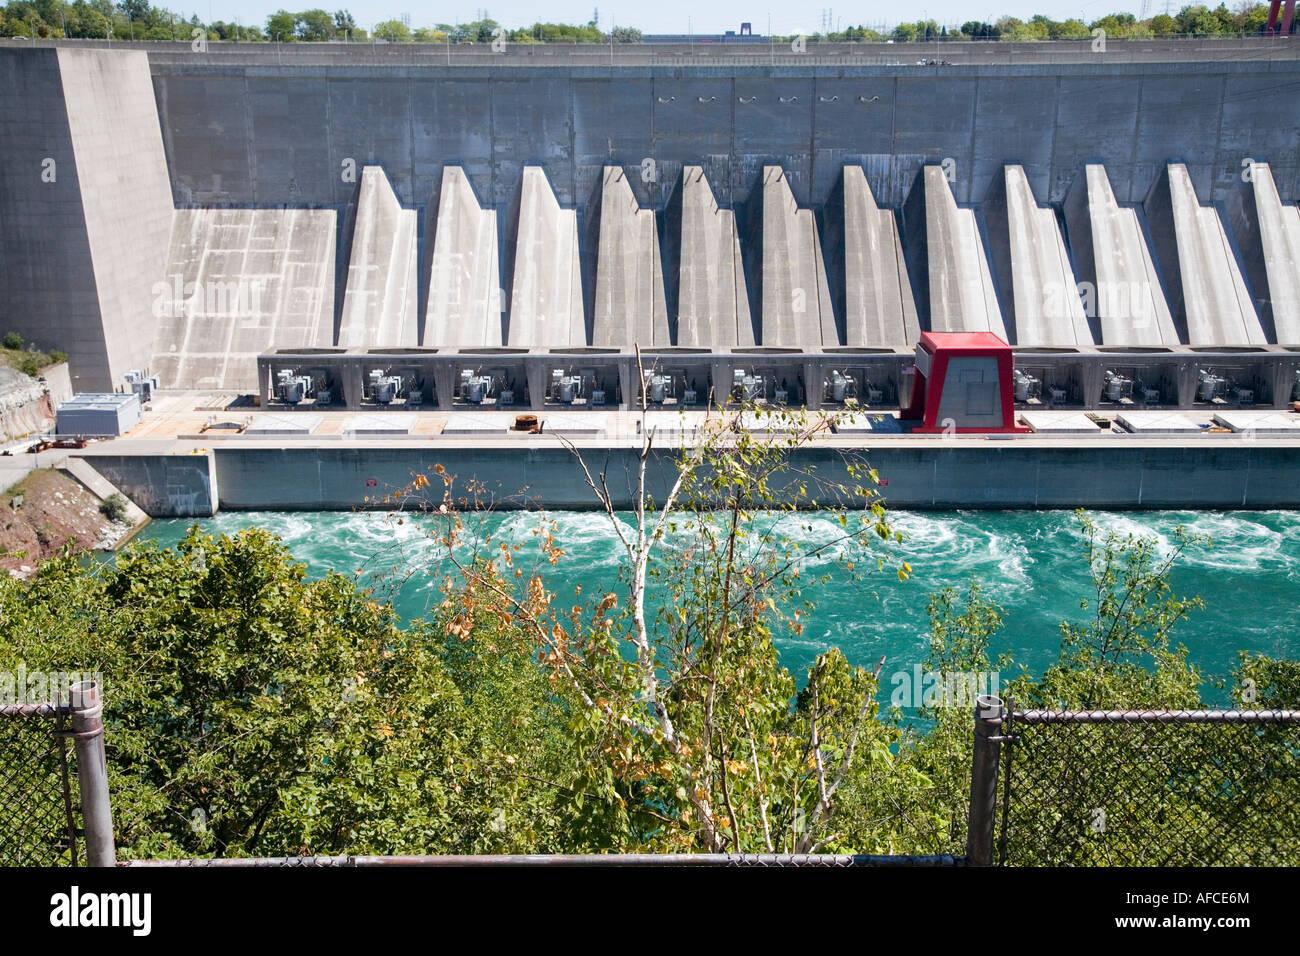 Ontario Hydro Electricity Plant Niagara River Ontario Canada Kanada Electric Power - Stock Image